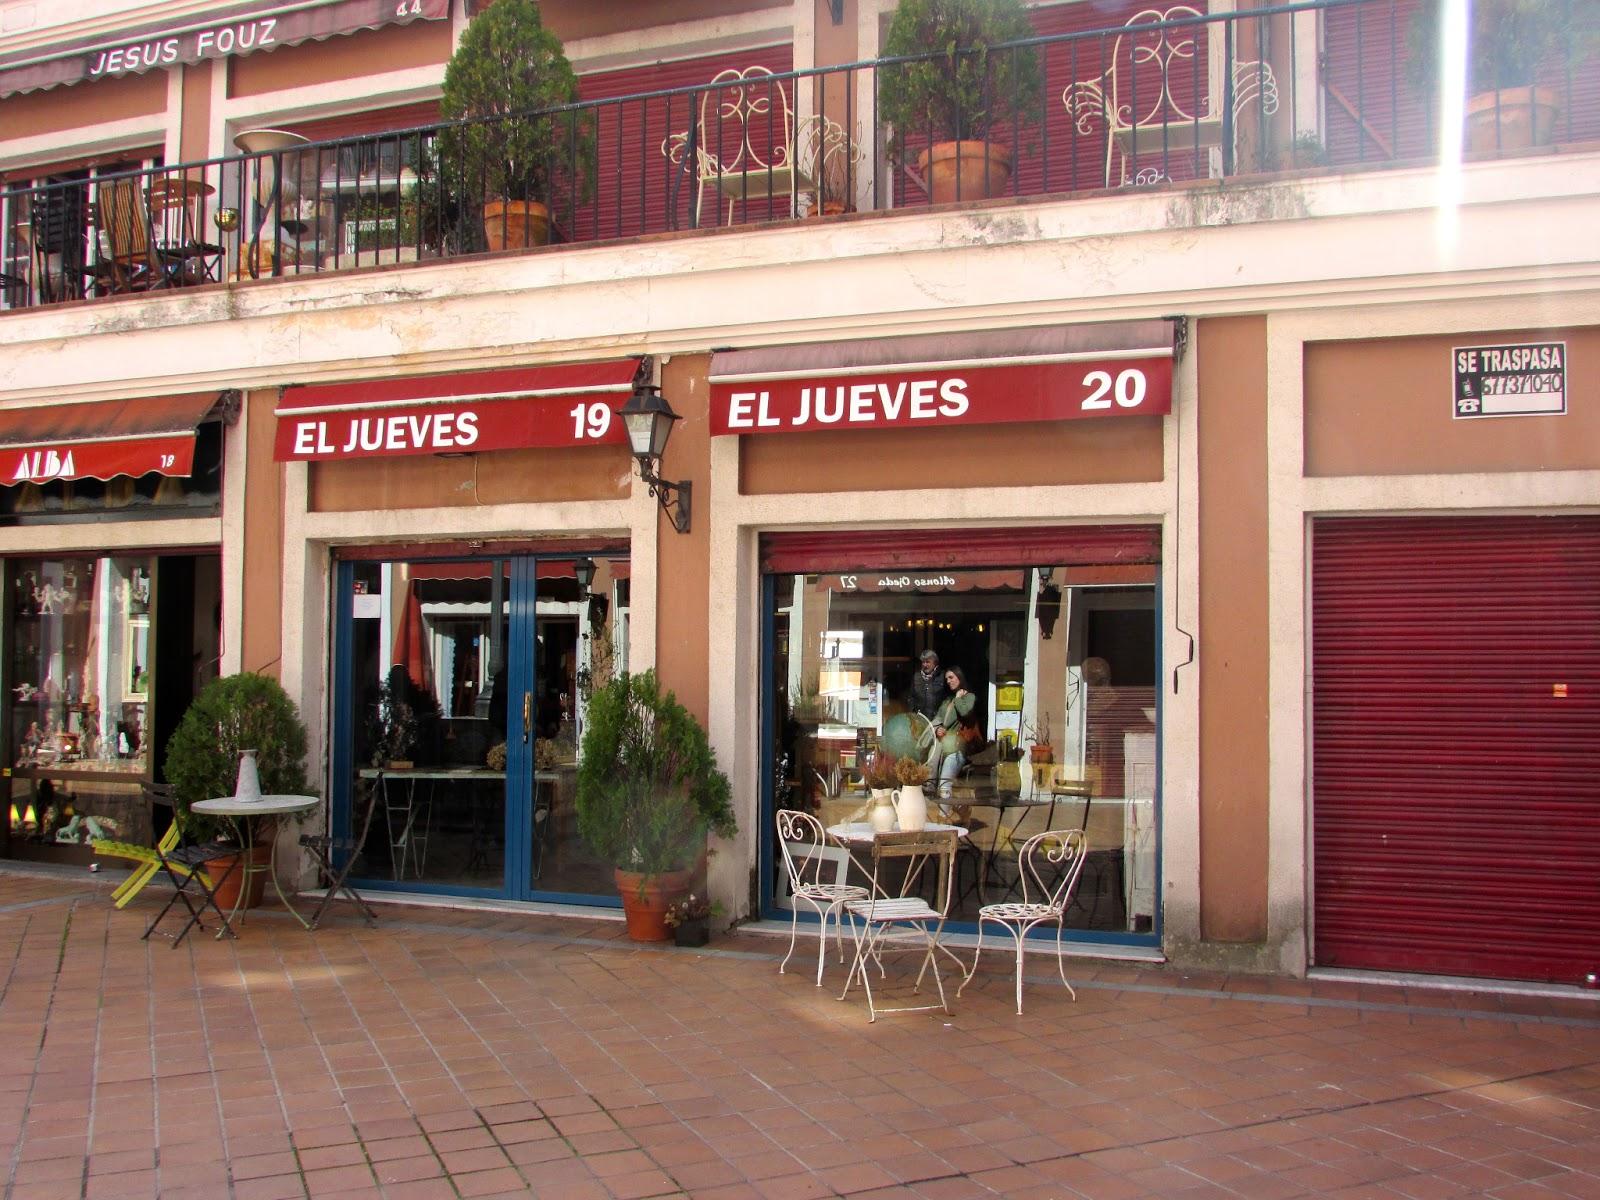 Descubriendo madrid antig edades el jueves meu canto blog - Mueble provenzal madrid ...